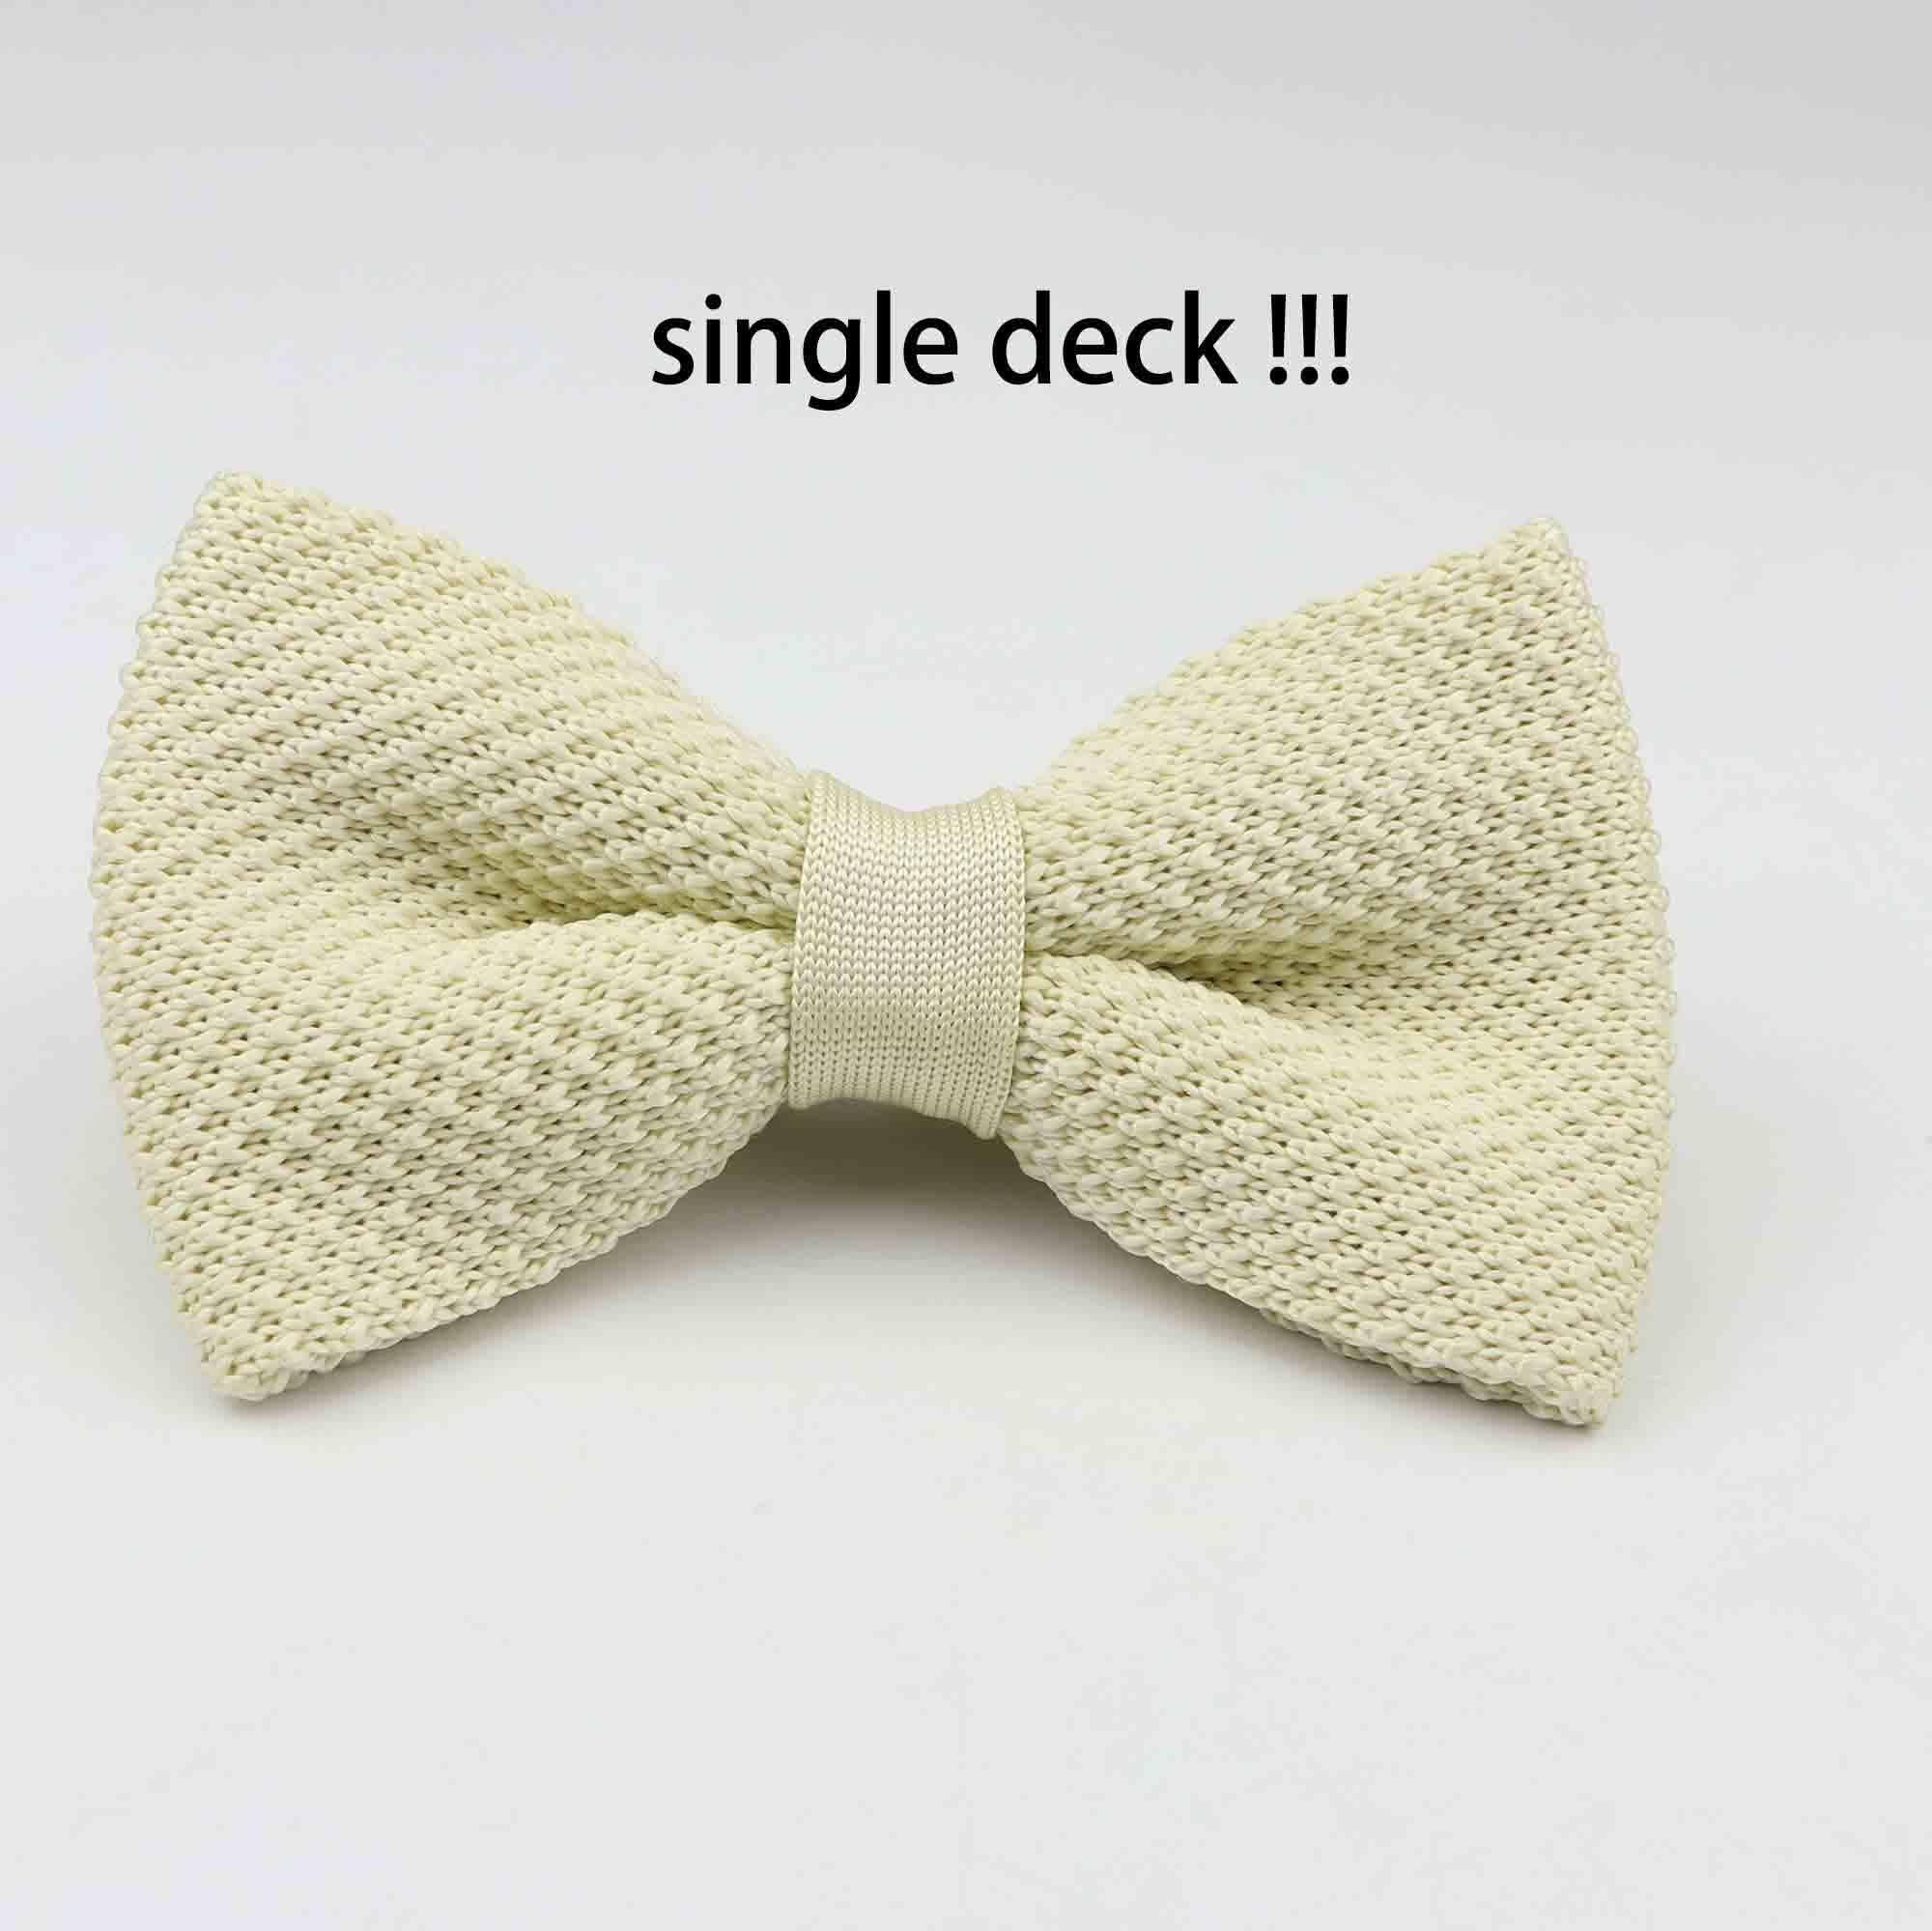 Мужские галстуки для шеи, смокинг, вязаная бабочка, Одноцветный галстук-бабочка, толстый двухслойный предварительно завязанный Регулируемый вязаный Повседневный галстук - Цвет: 18